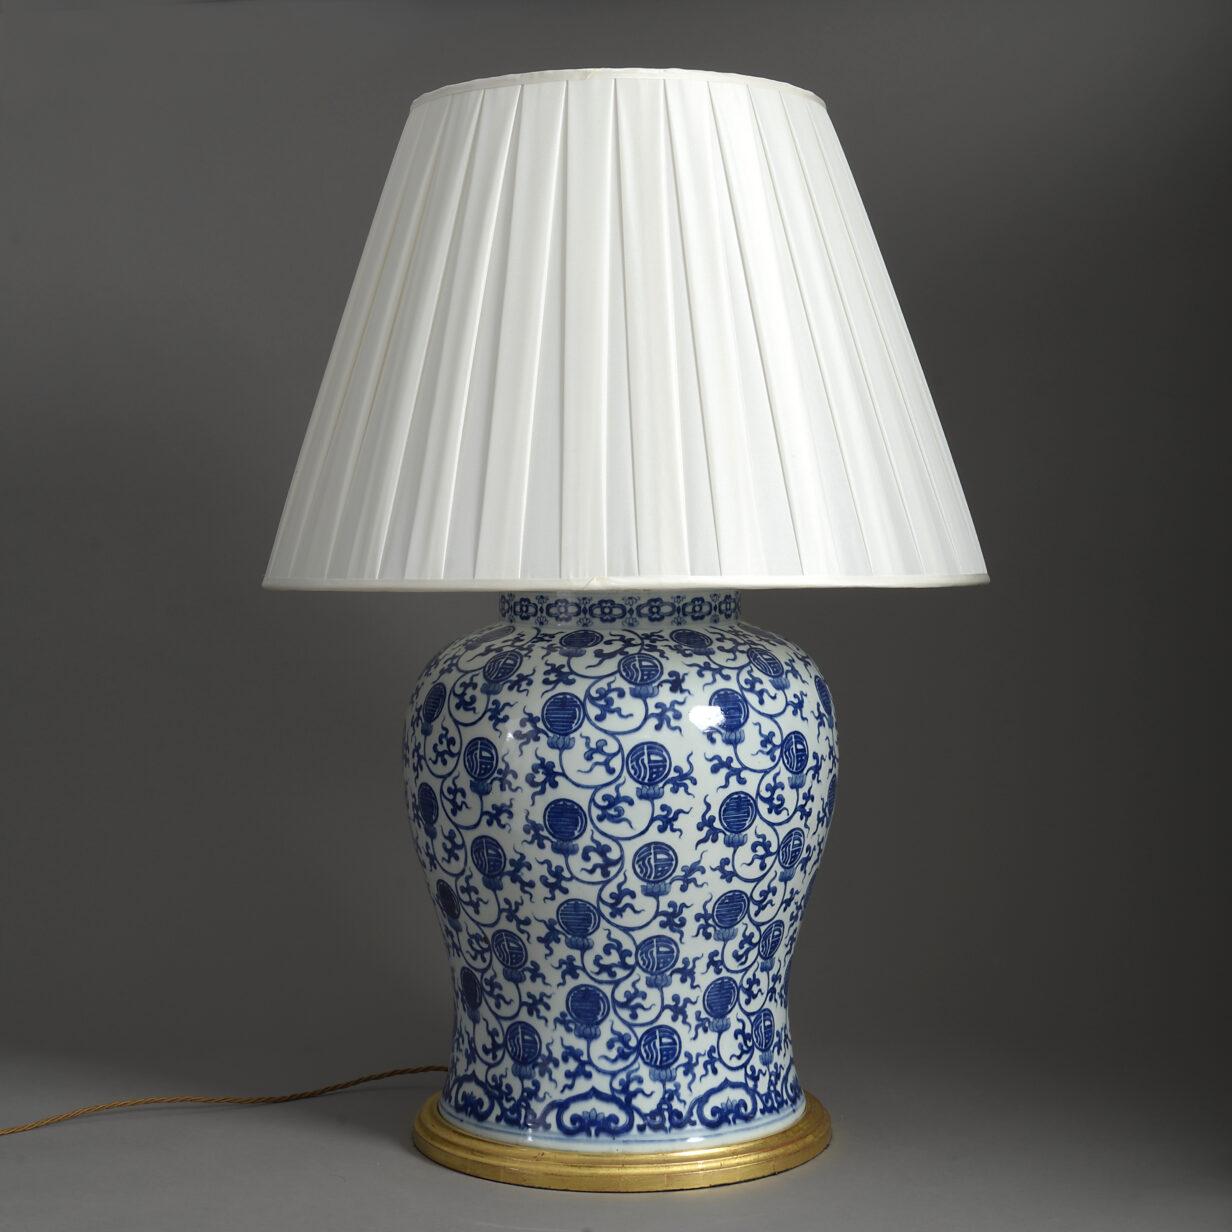 Large Blue and White Vase Lamp